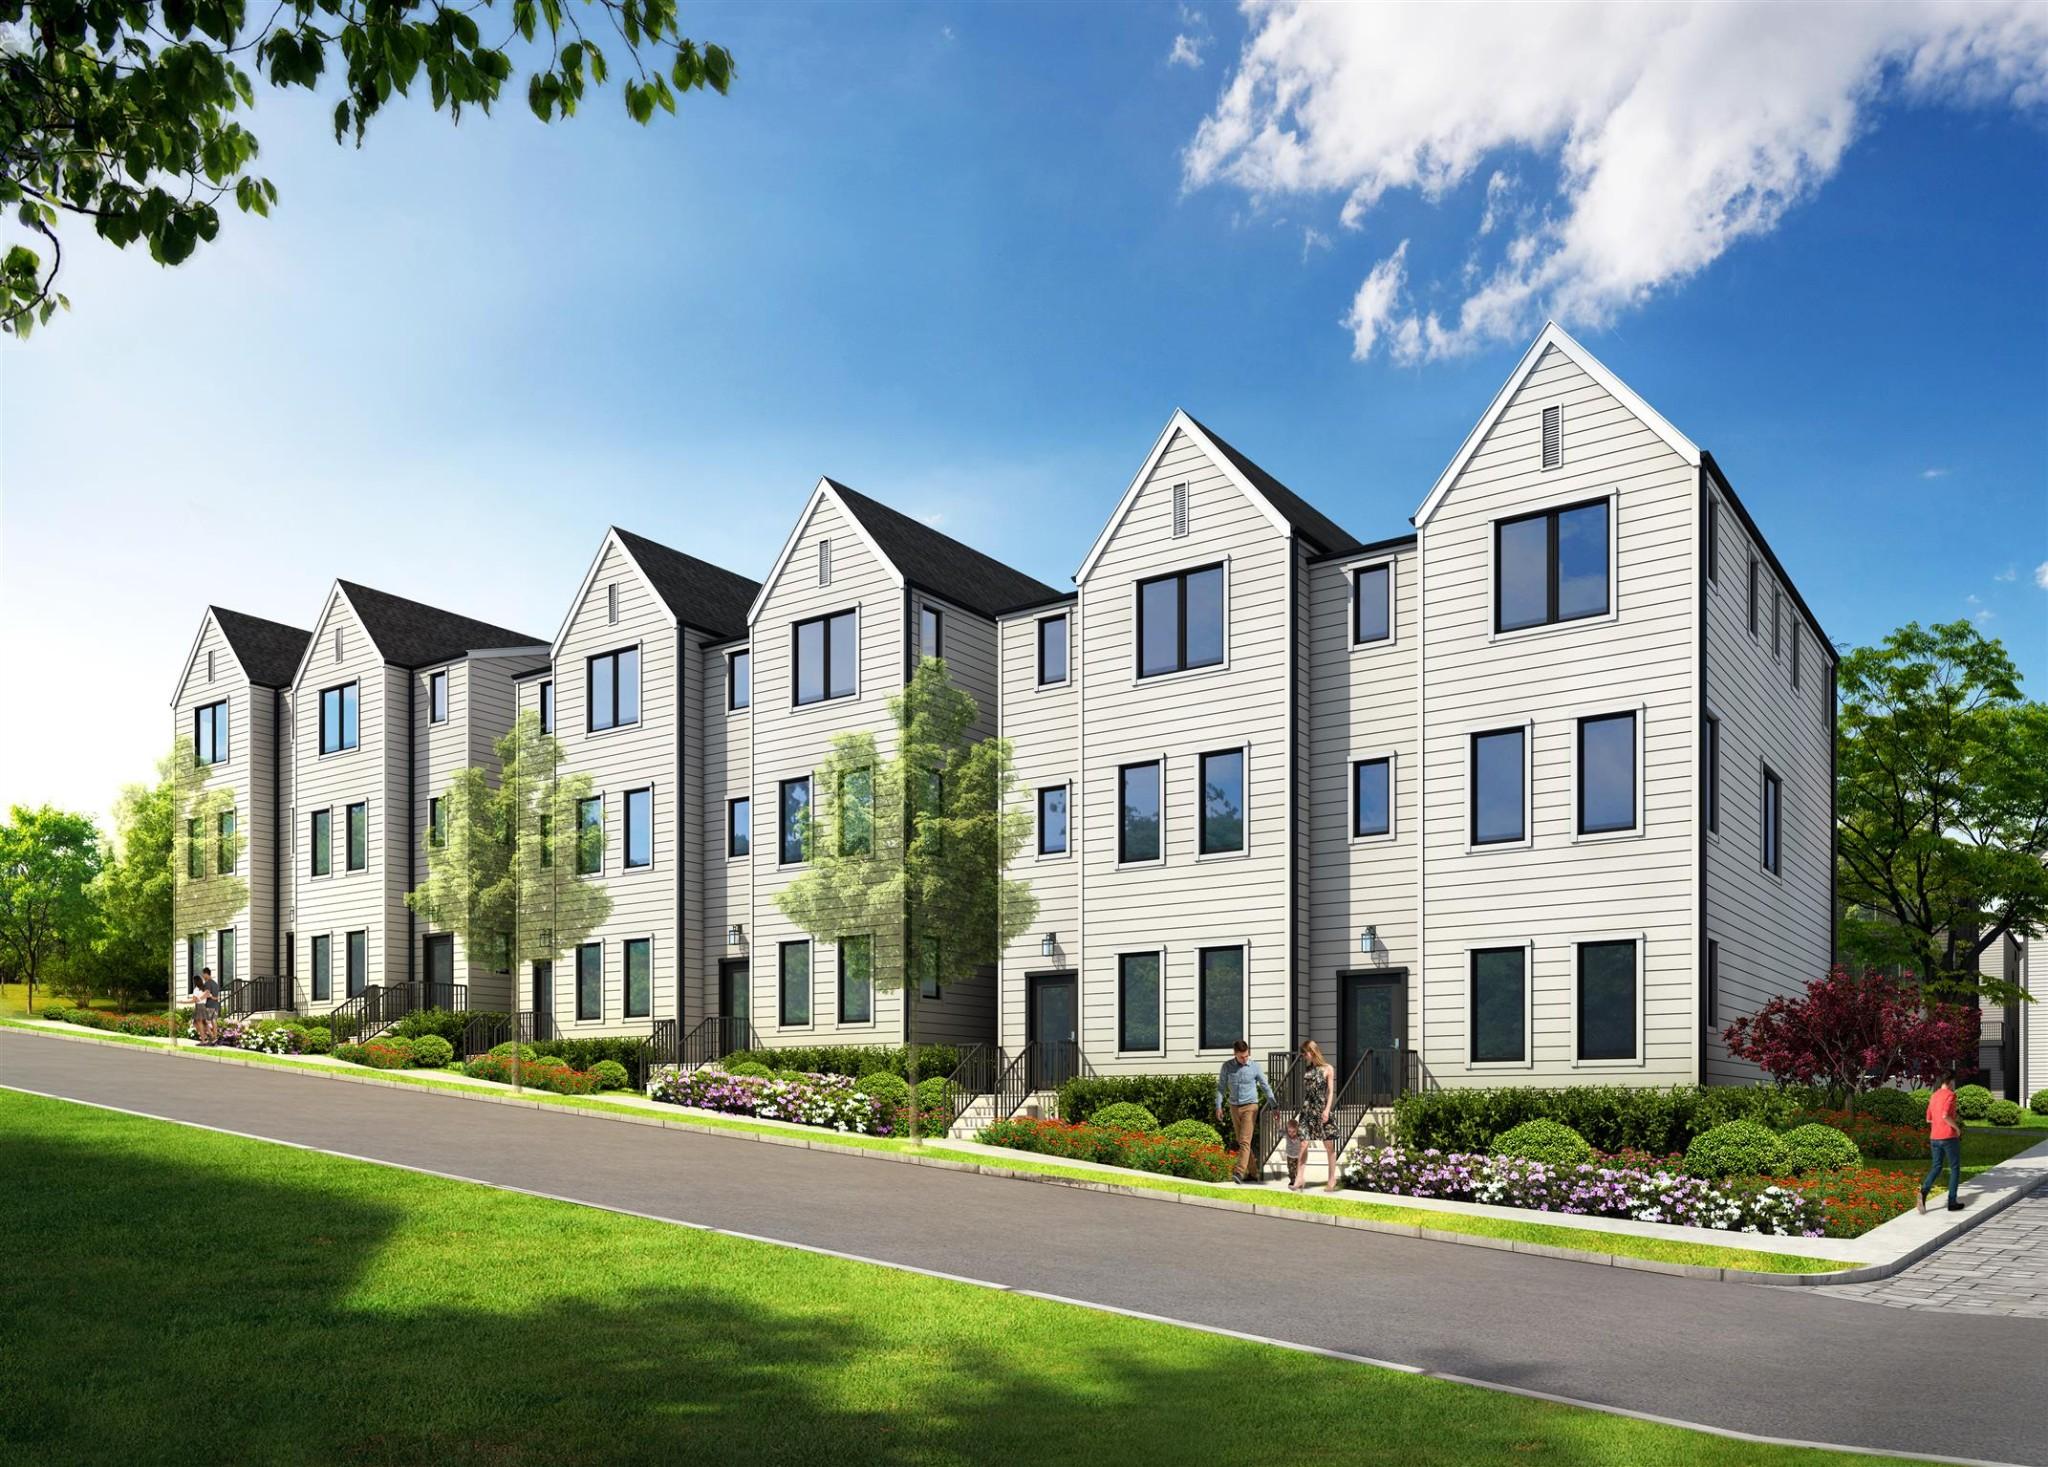 6000 Sterling St, Nashville, TN 37209 - Nashville, TN real estate listing